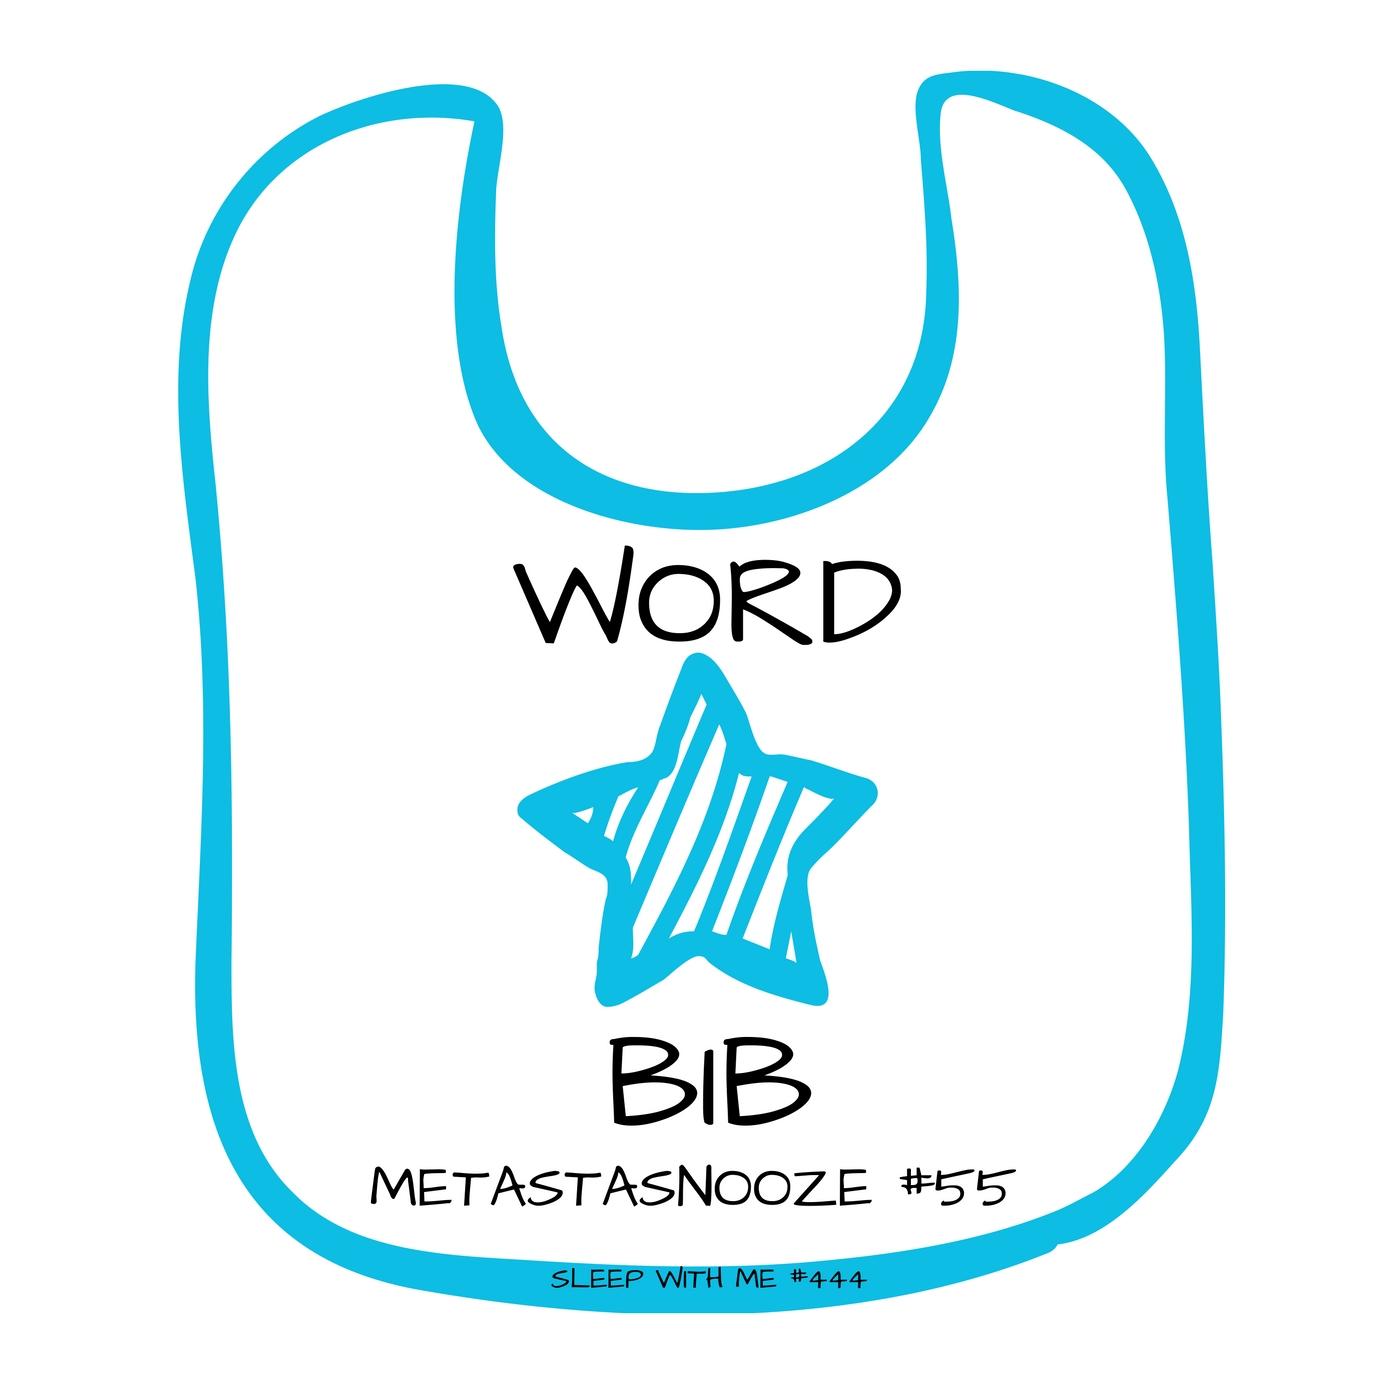 Word Bib | Metastasnooze #55 | Sleep With Me #444